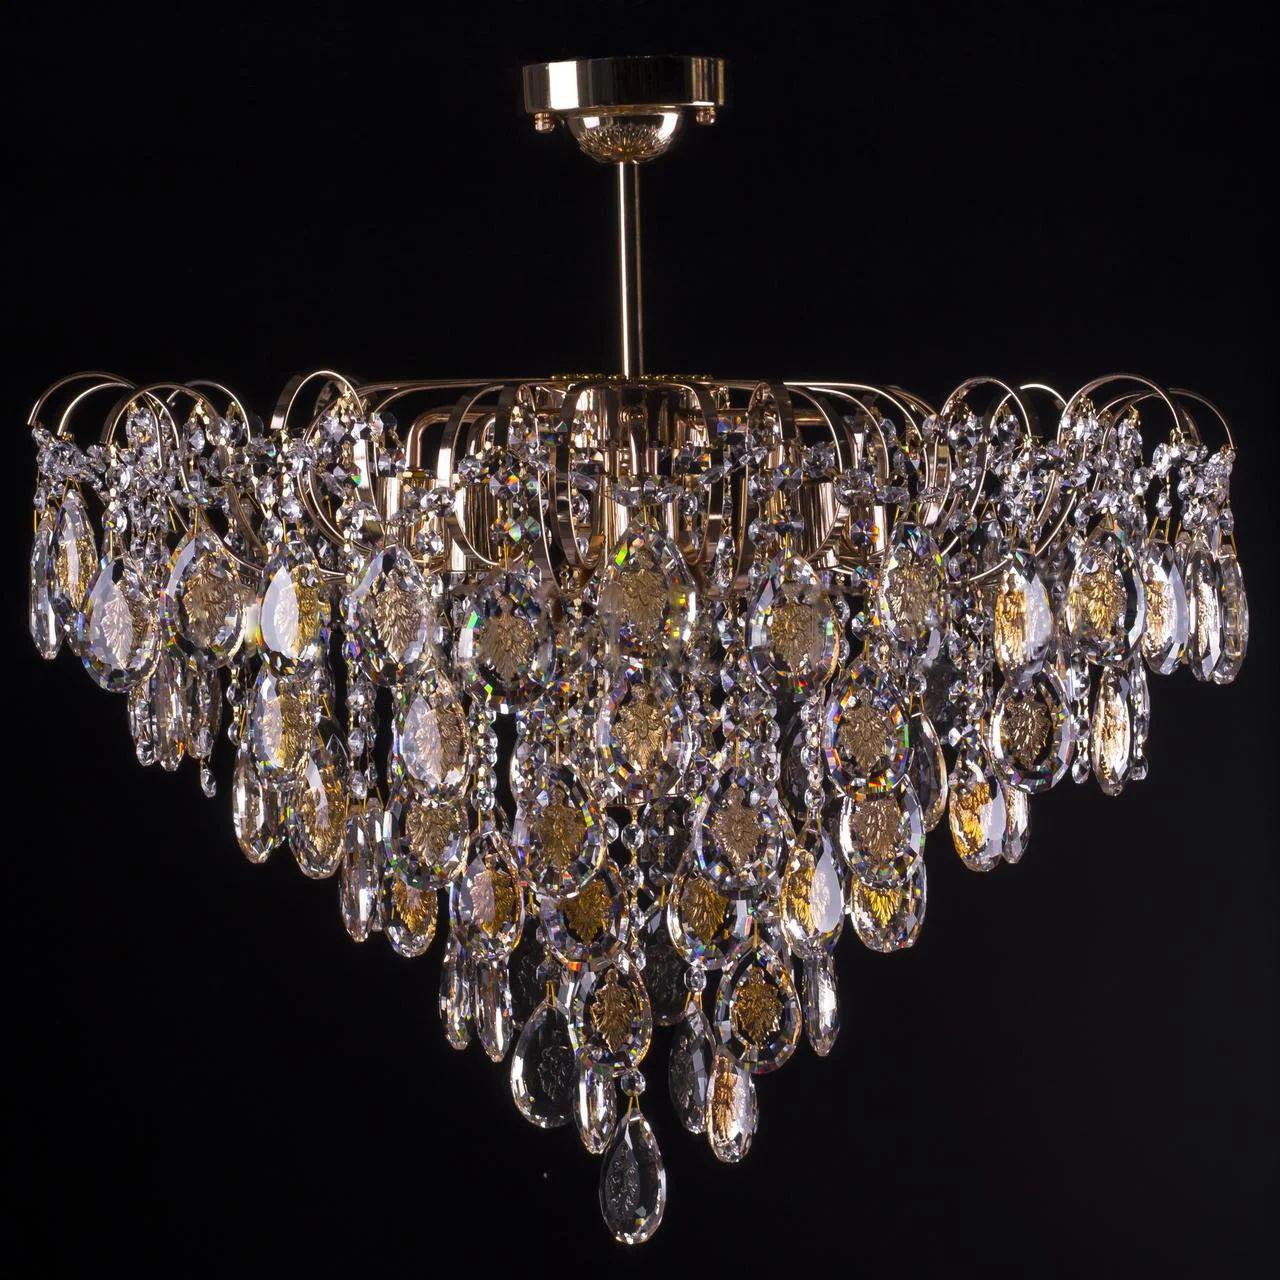 Кришталева люстра класична на 10 лампочок Прометей P5-E1269/10/FG